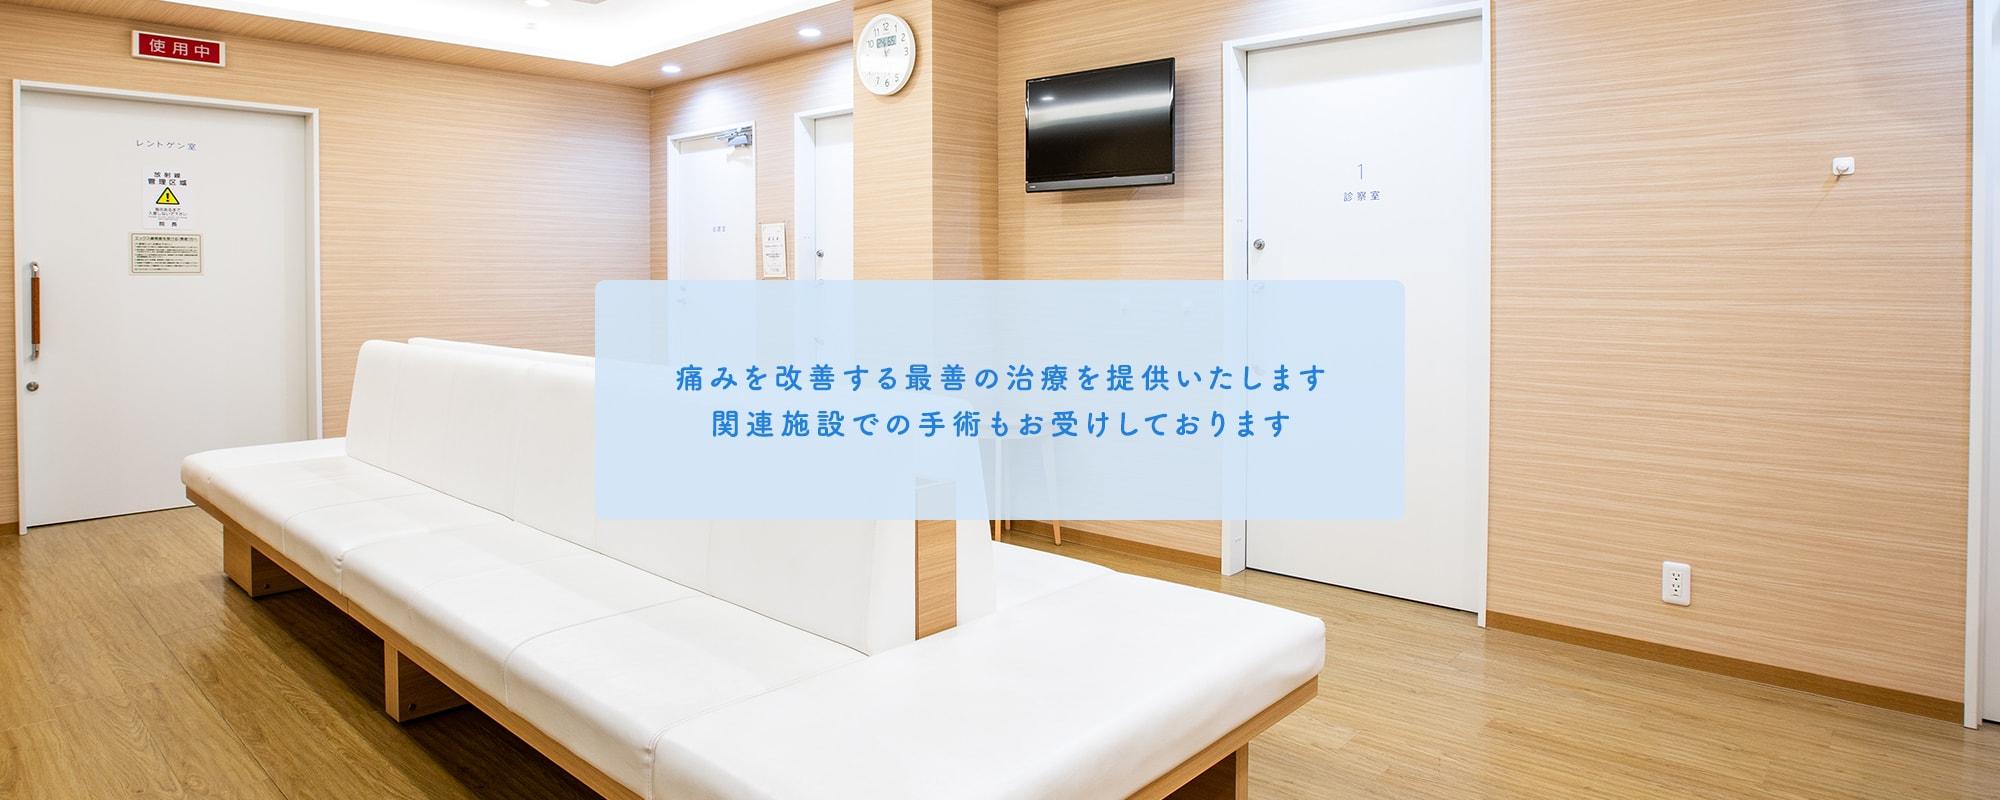 痛みを改善する最善の治療を提供いたします関連施設での手術もお受けしております